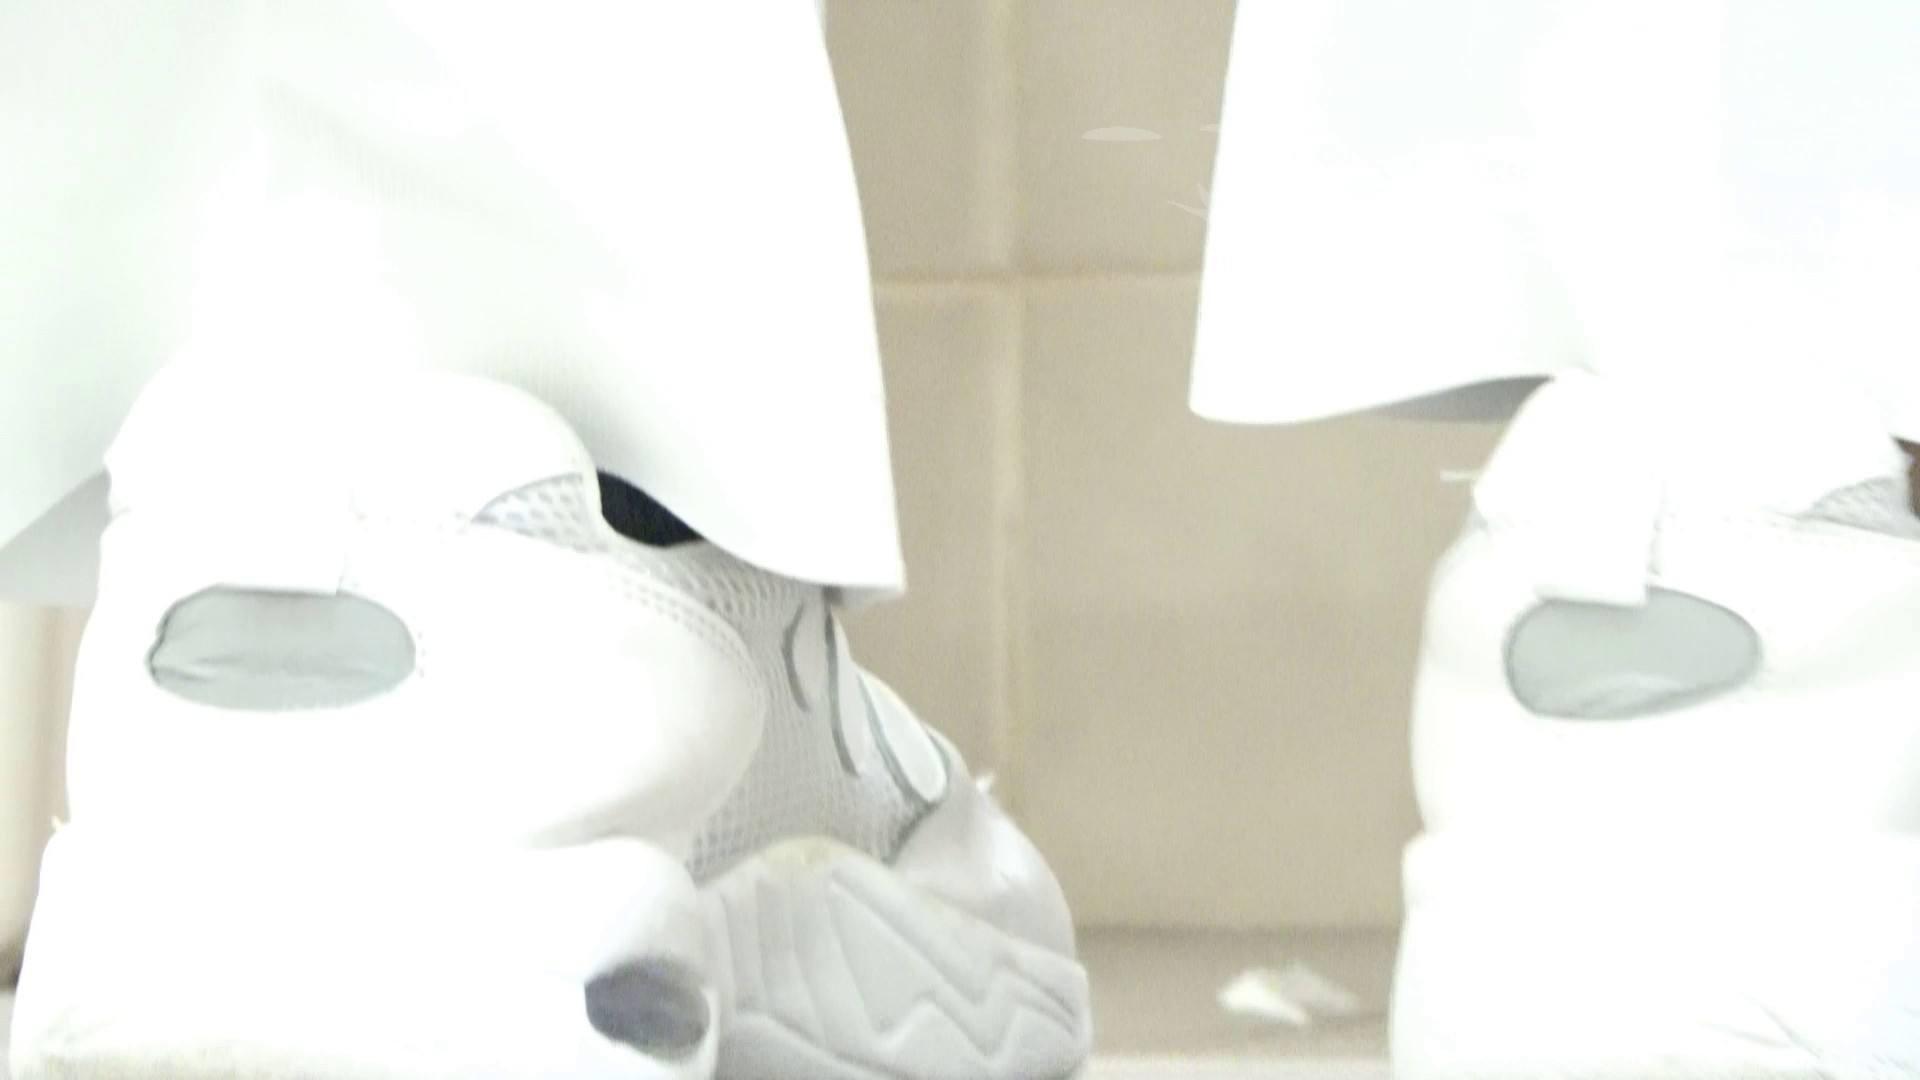 至高洗面所盗撮 01 至高の院内下方撮り 盗撮 | 洗面所  81PIX 57